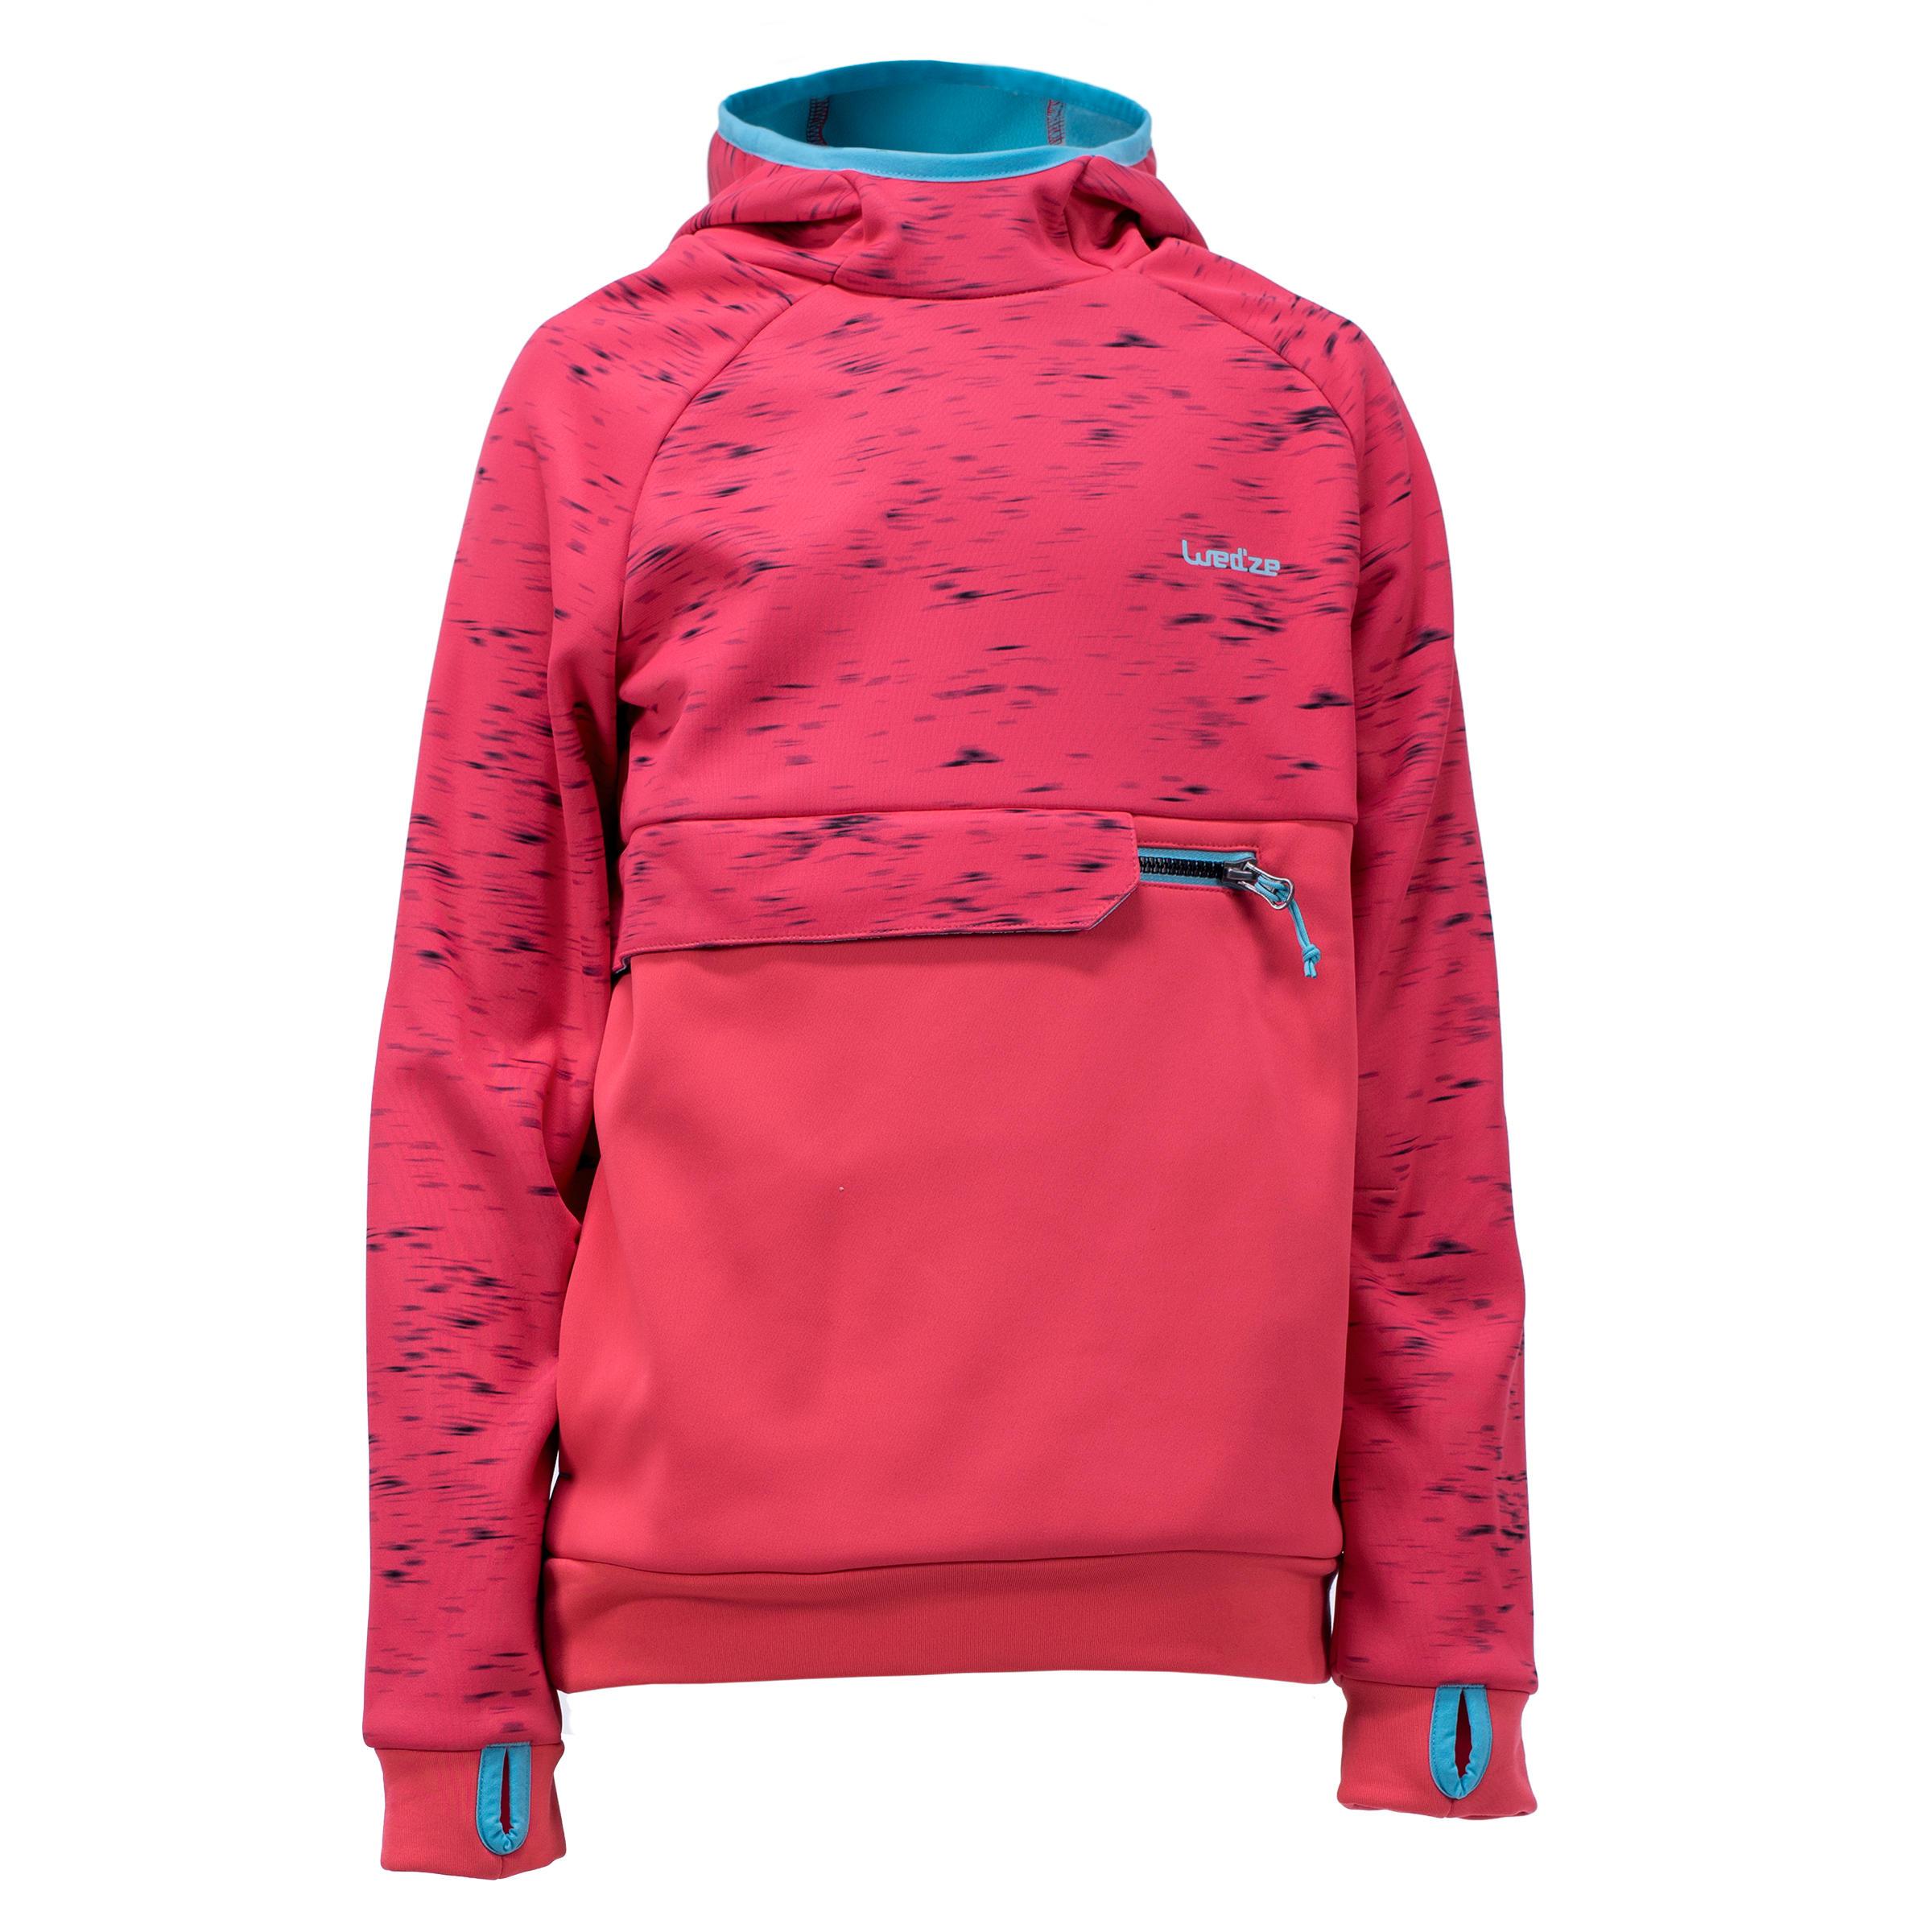 Chandail de planche à neige et de ski SNB HDY fille rose fraise